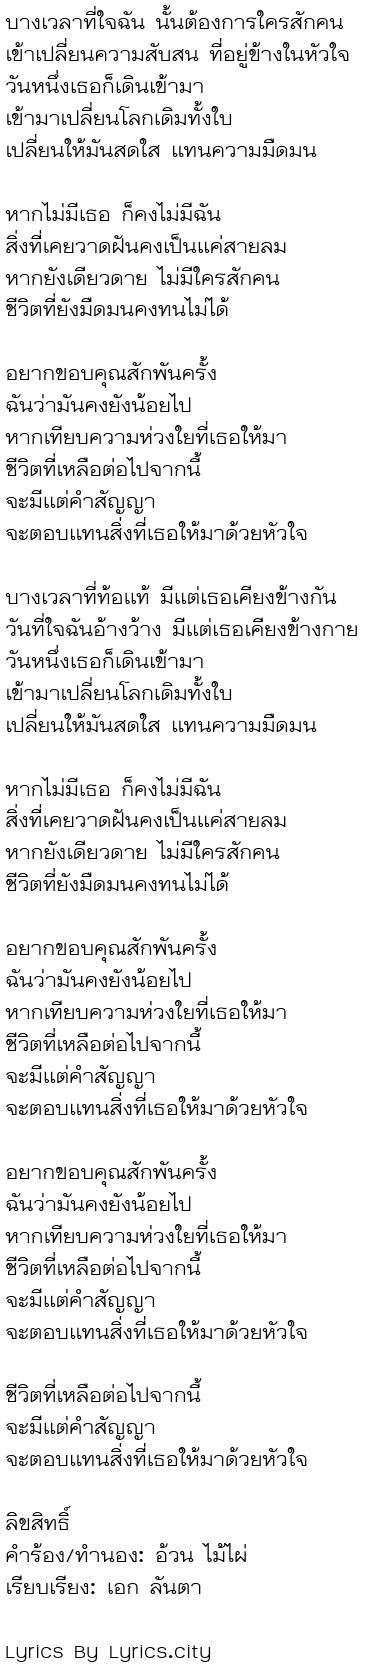 เนื้อเพลง ใจแลกใจ - โจ๊ก วงเปิด Feat. แพรทิพย์